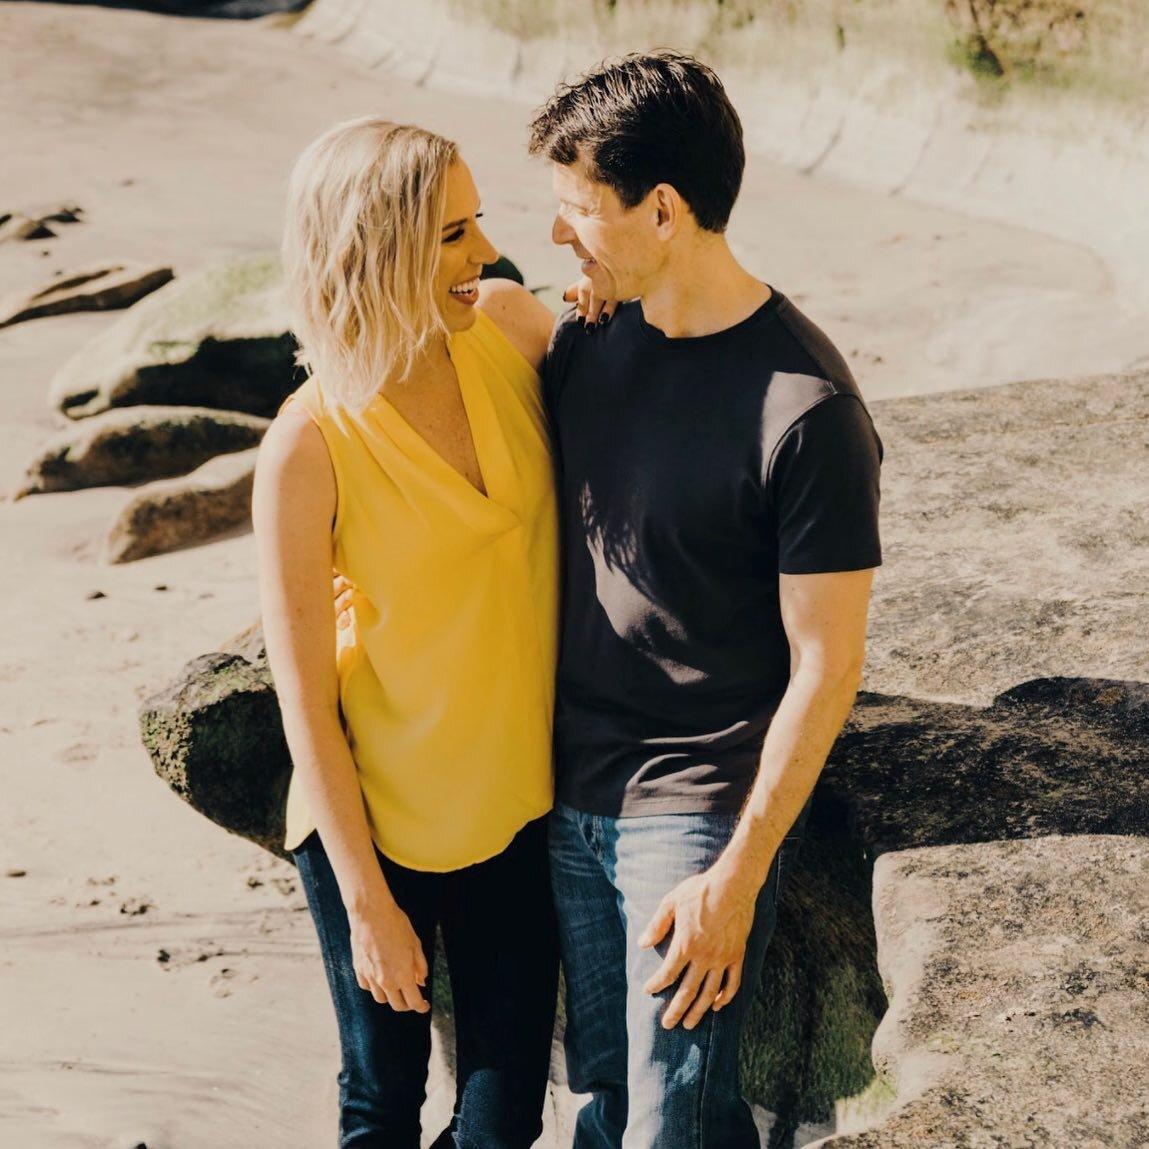 """我们很高兴分享这周的第一个专题:Kate + Justin!以下是凯特对她的经历的解释:""""Tawkify不像其他婚介服务。亚搏体育官方平台我的媒人很有风度,真的花了很多时间来了解我,以及我想在婚配中得到什么。她让我和很棒的人约会,每次约会之后,我们都会打电话讨论我喜欢什么/不喜欢什么。我还得到了他们对我们约会对象的直接反馈。虽然我注册了一年的会员,但我在三四个月后就因为我找到了我的梦中情人而暂停了会员资格。""""#亚搏体育官方平台 tawkify # #相亲约会"""